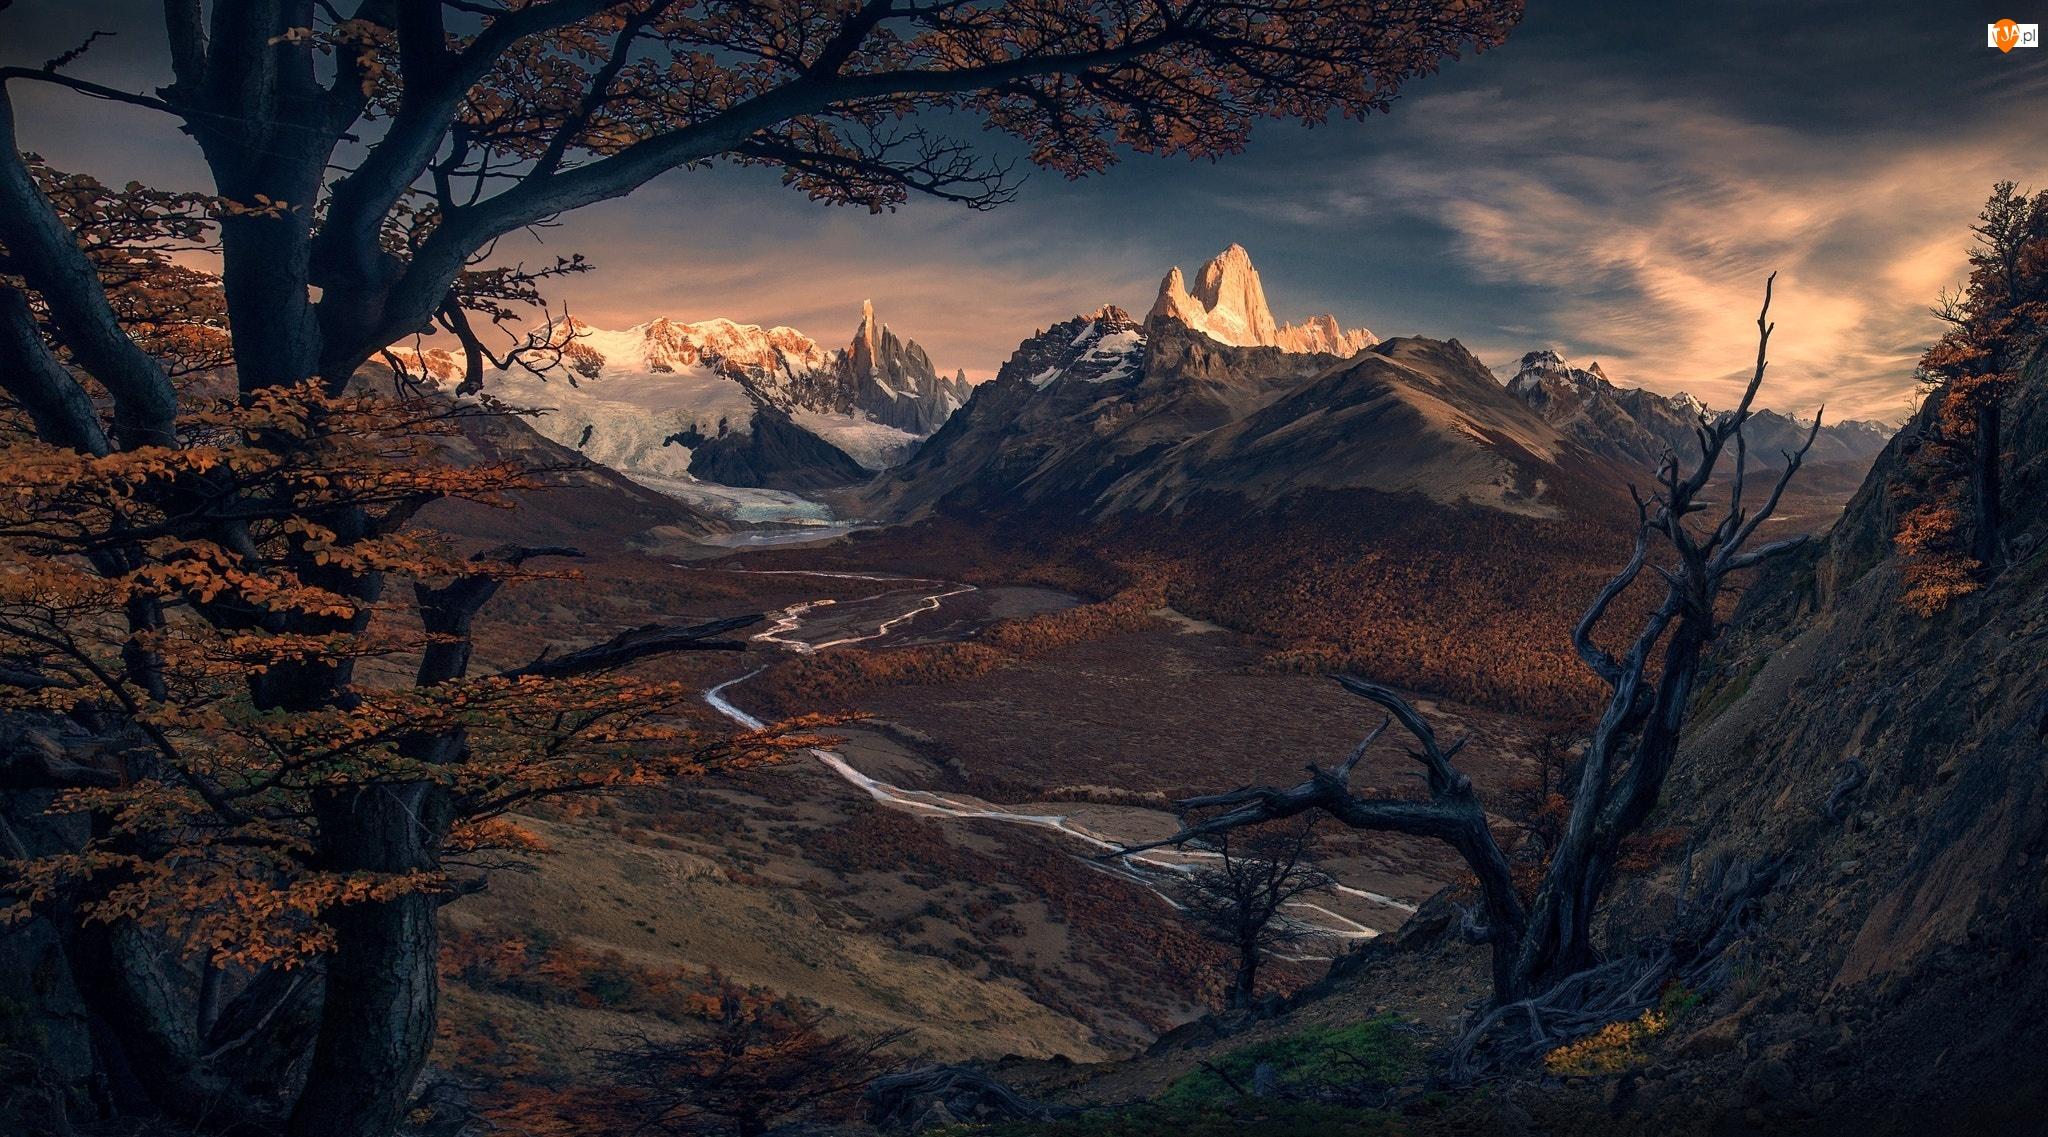 Patagonia, Szczyt Fitz Roy, Park Narodowy Los Glaciares, Drzewa, Argentyna, Rzeka Rio de las Vueltas, Góry, Jesień